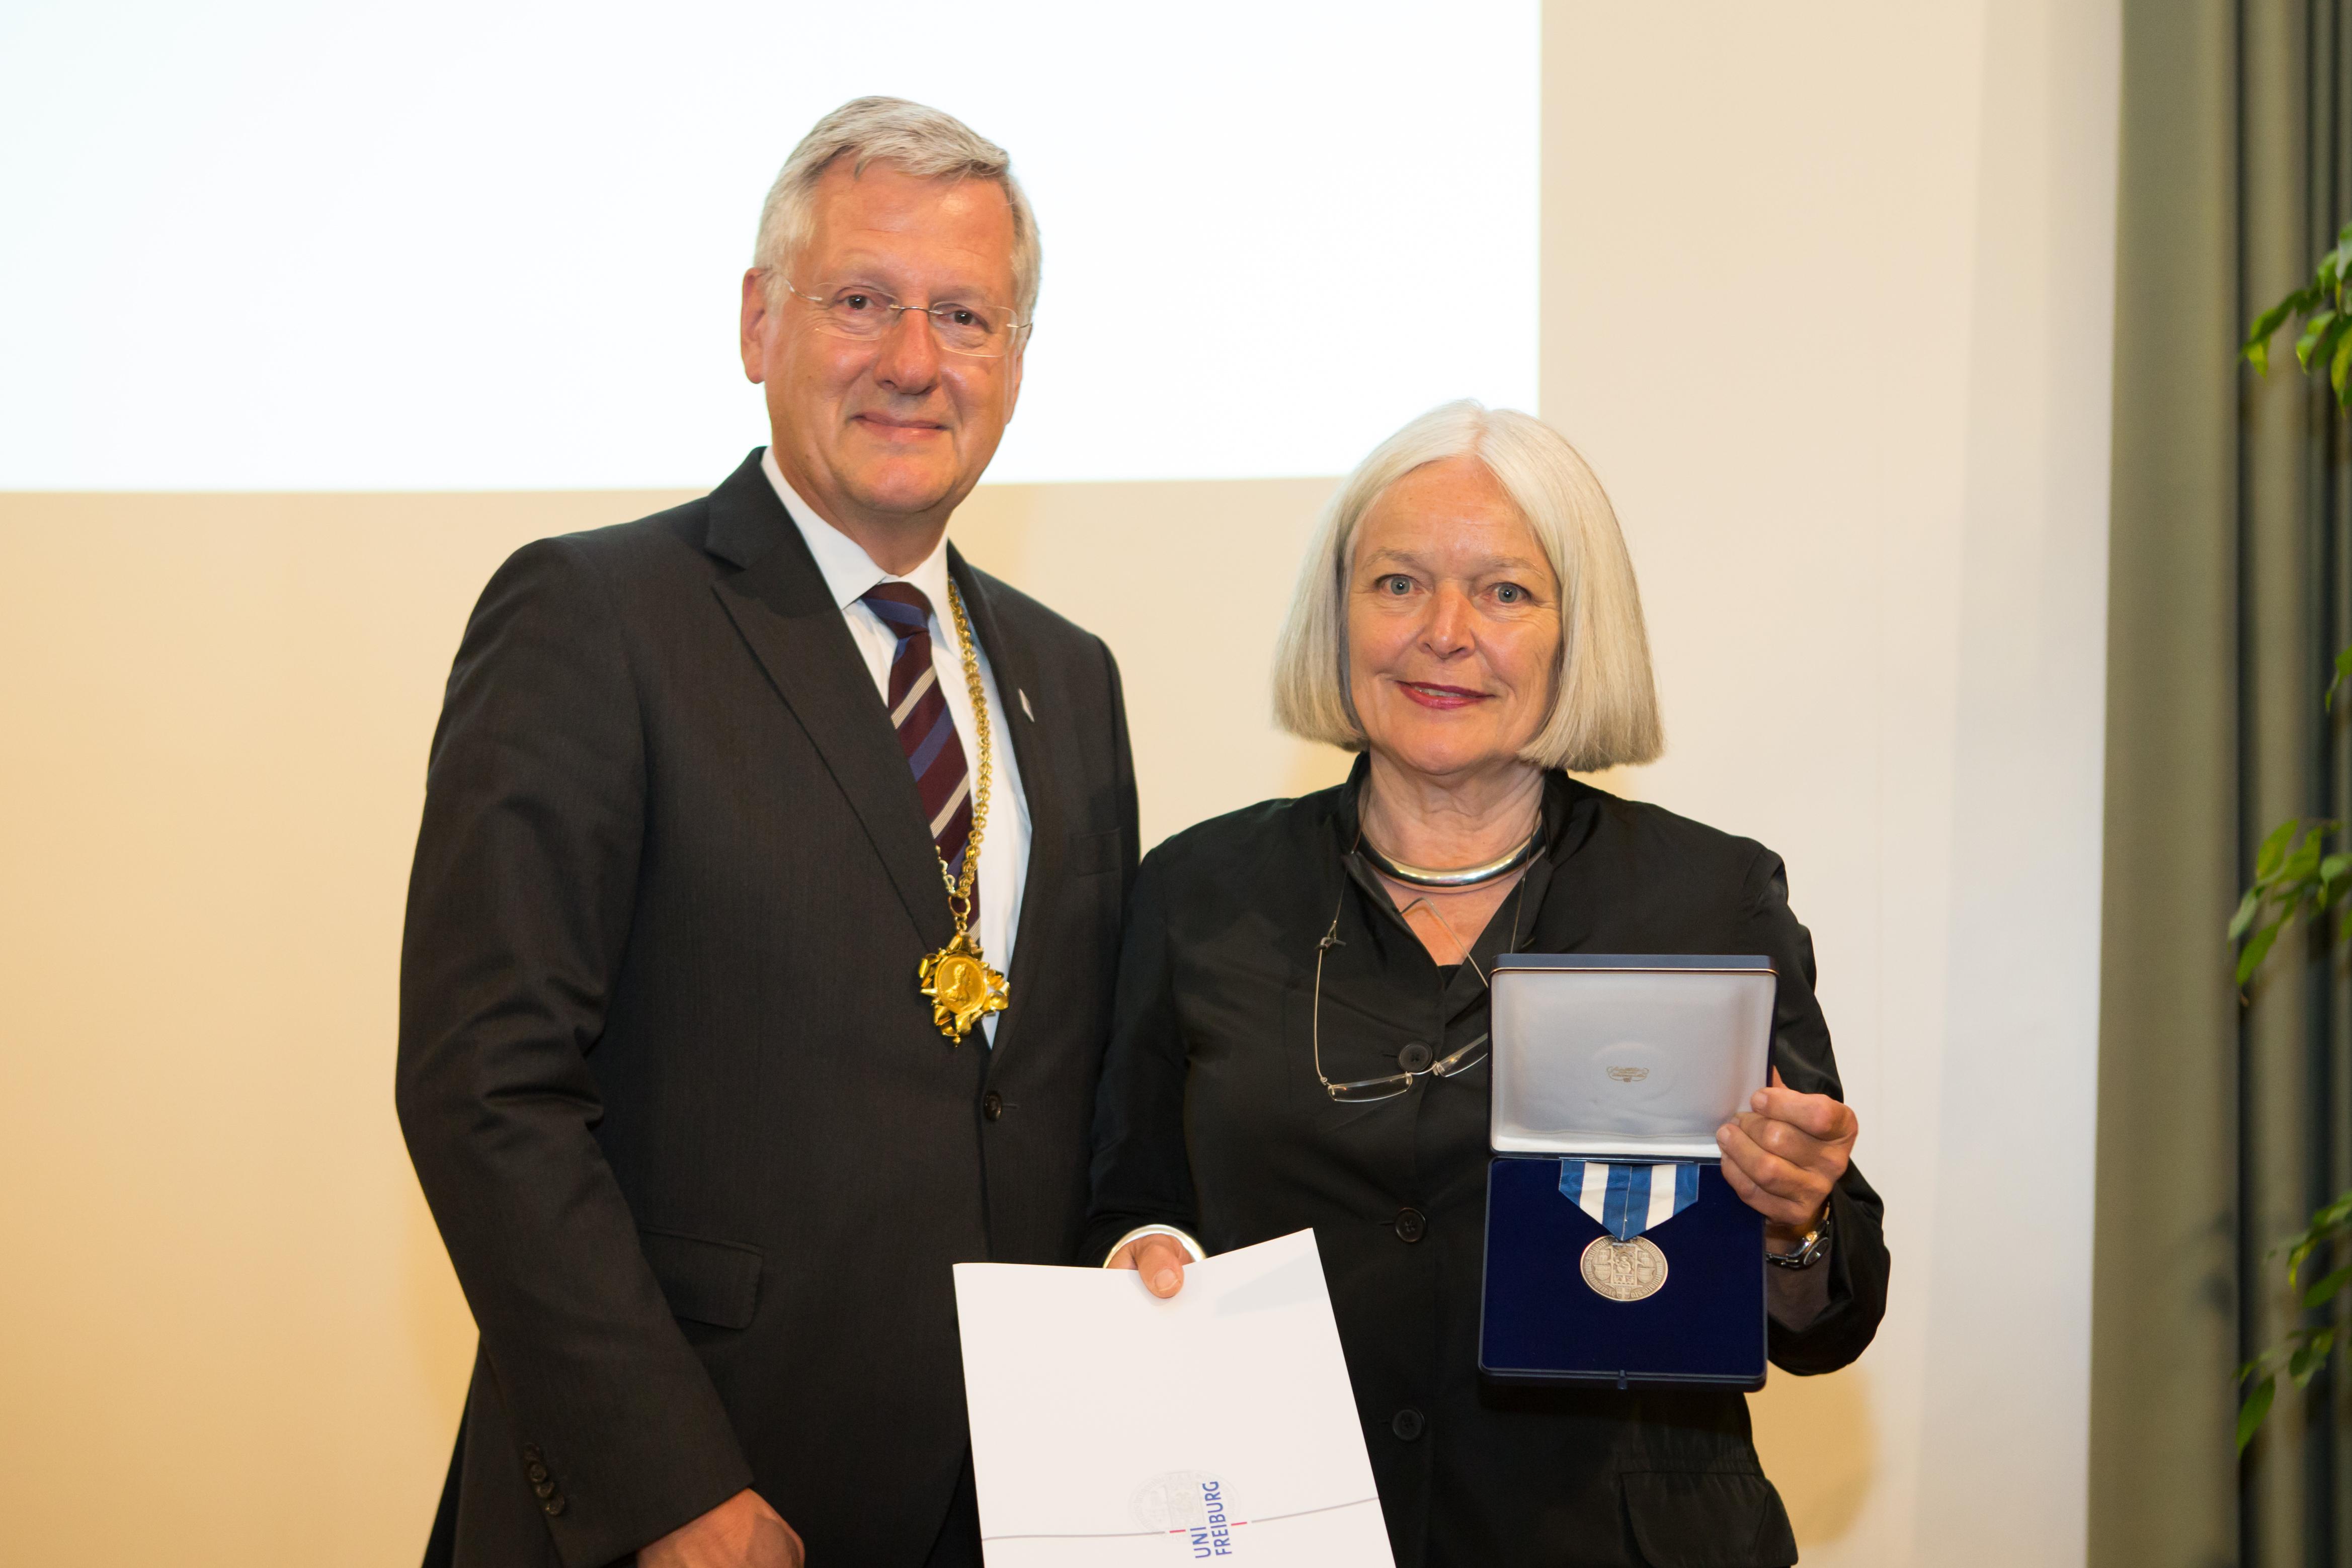 Rektor Schiewer verleiht die Ehrensenatorwürde an Margret Böhme